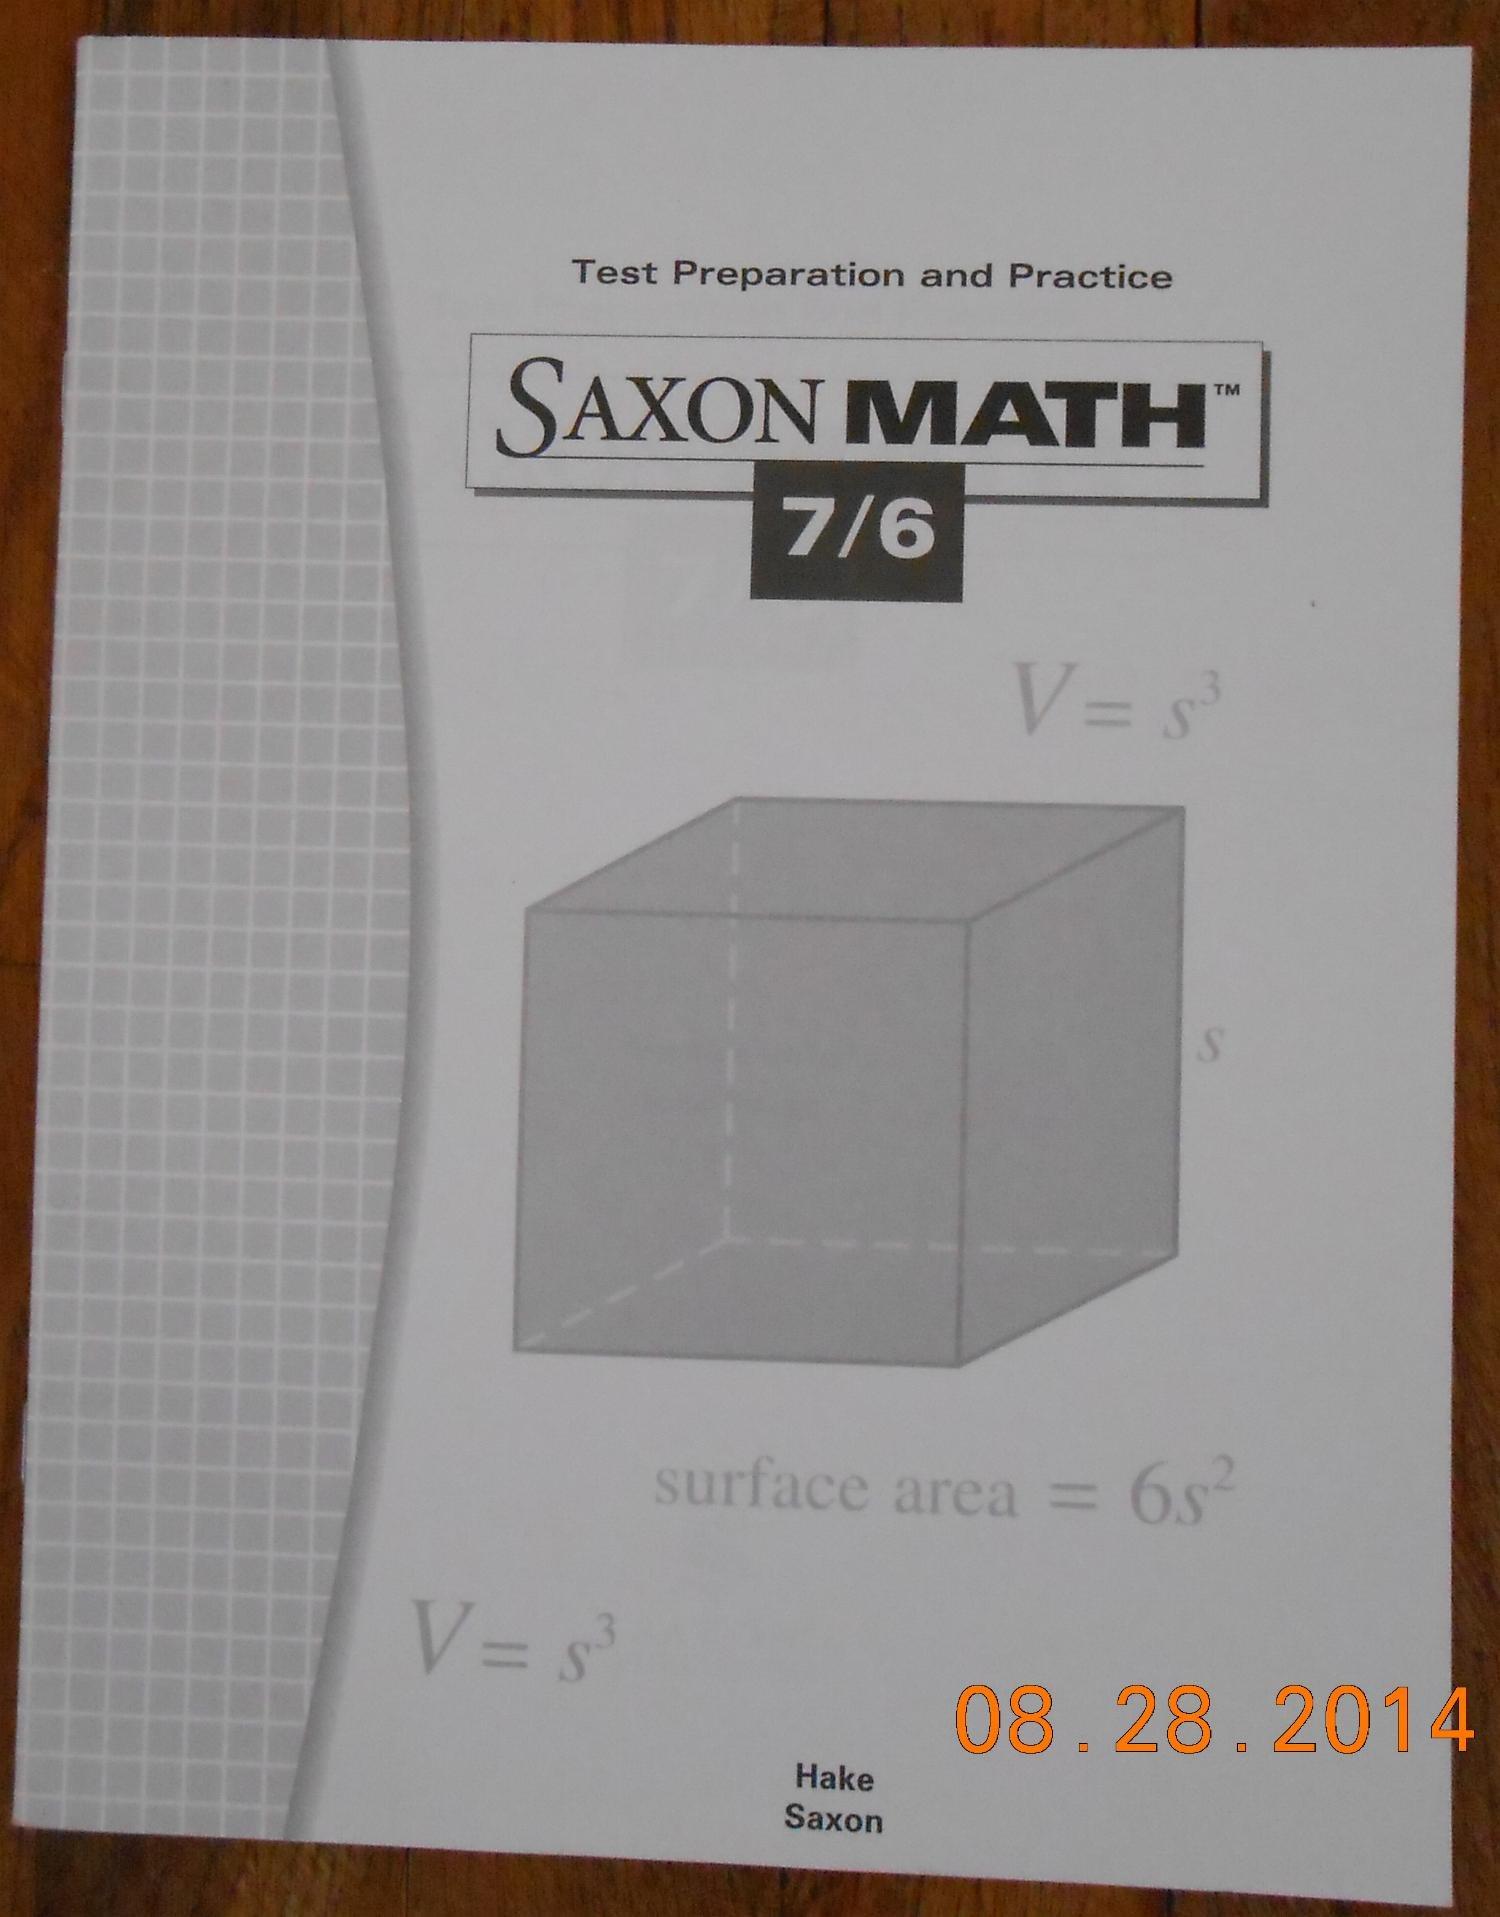 Saxon Math Test Preparation and Practice 7/6 (Saxon Math 7/6) pdf